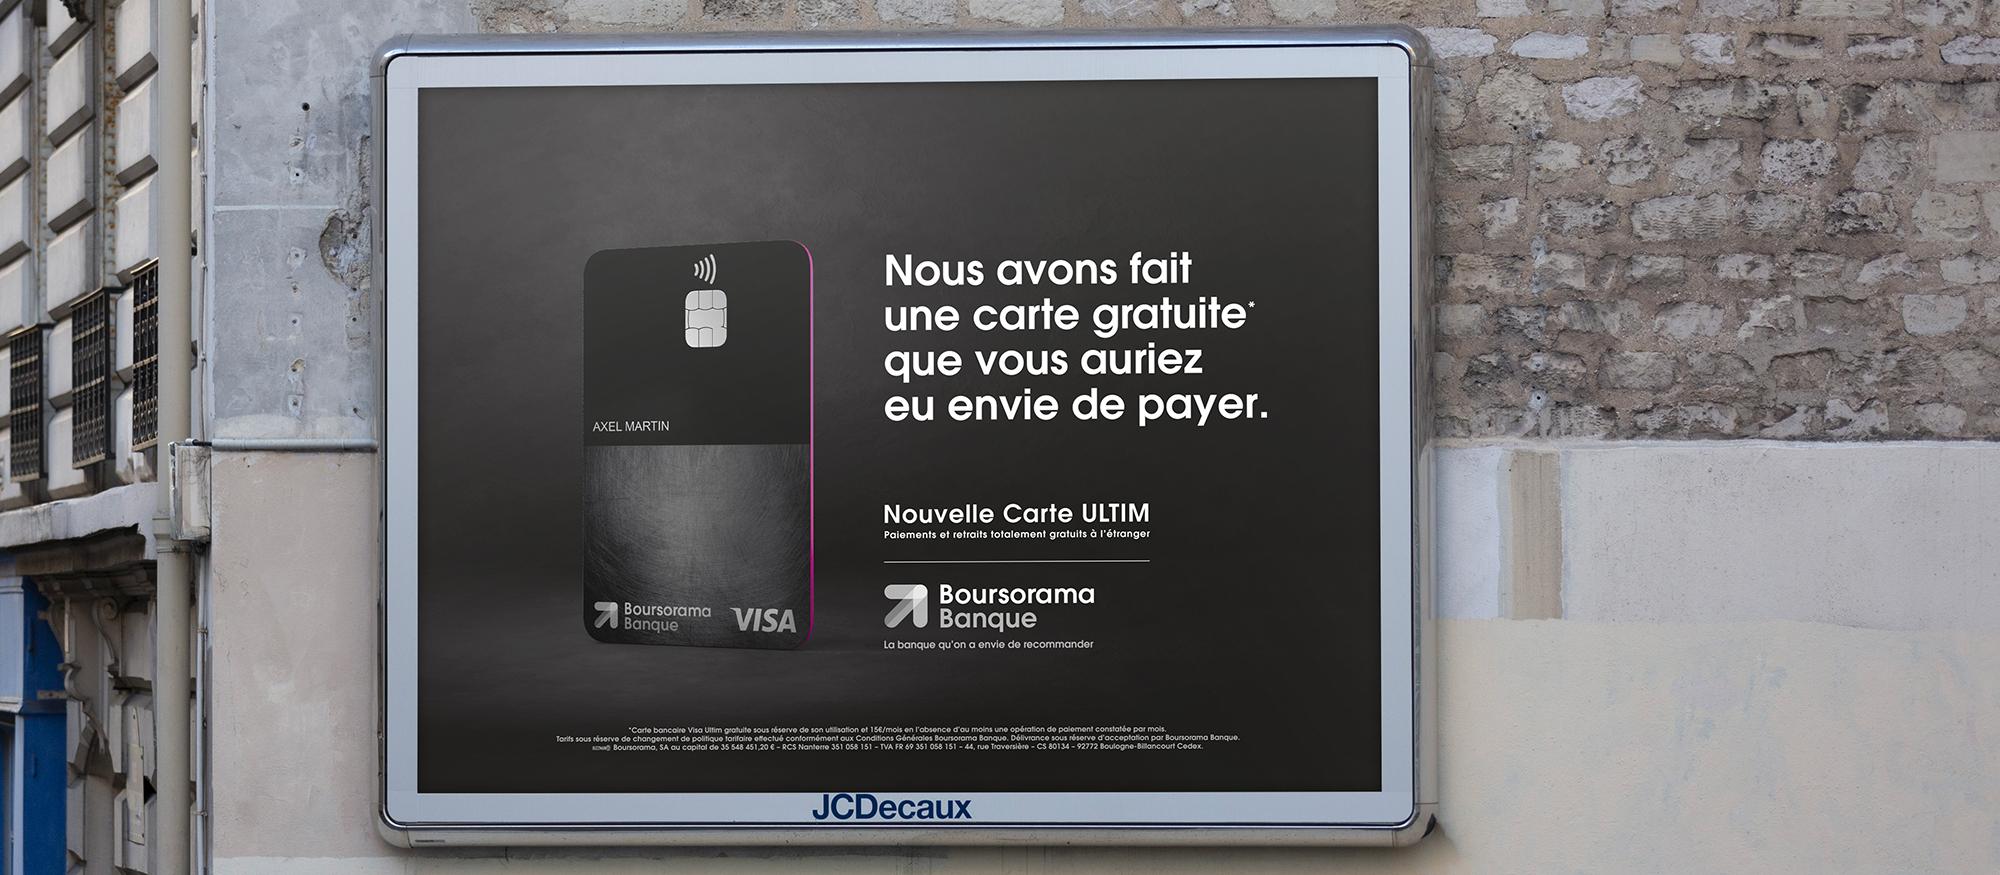 Carte Bancaire Boursorama.Boursorama S Attaque A N26 En Lancant Ultim Sa Carte